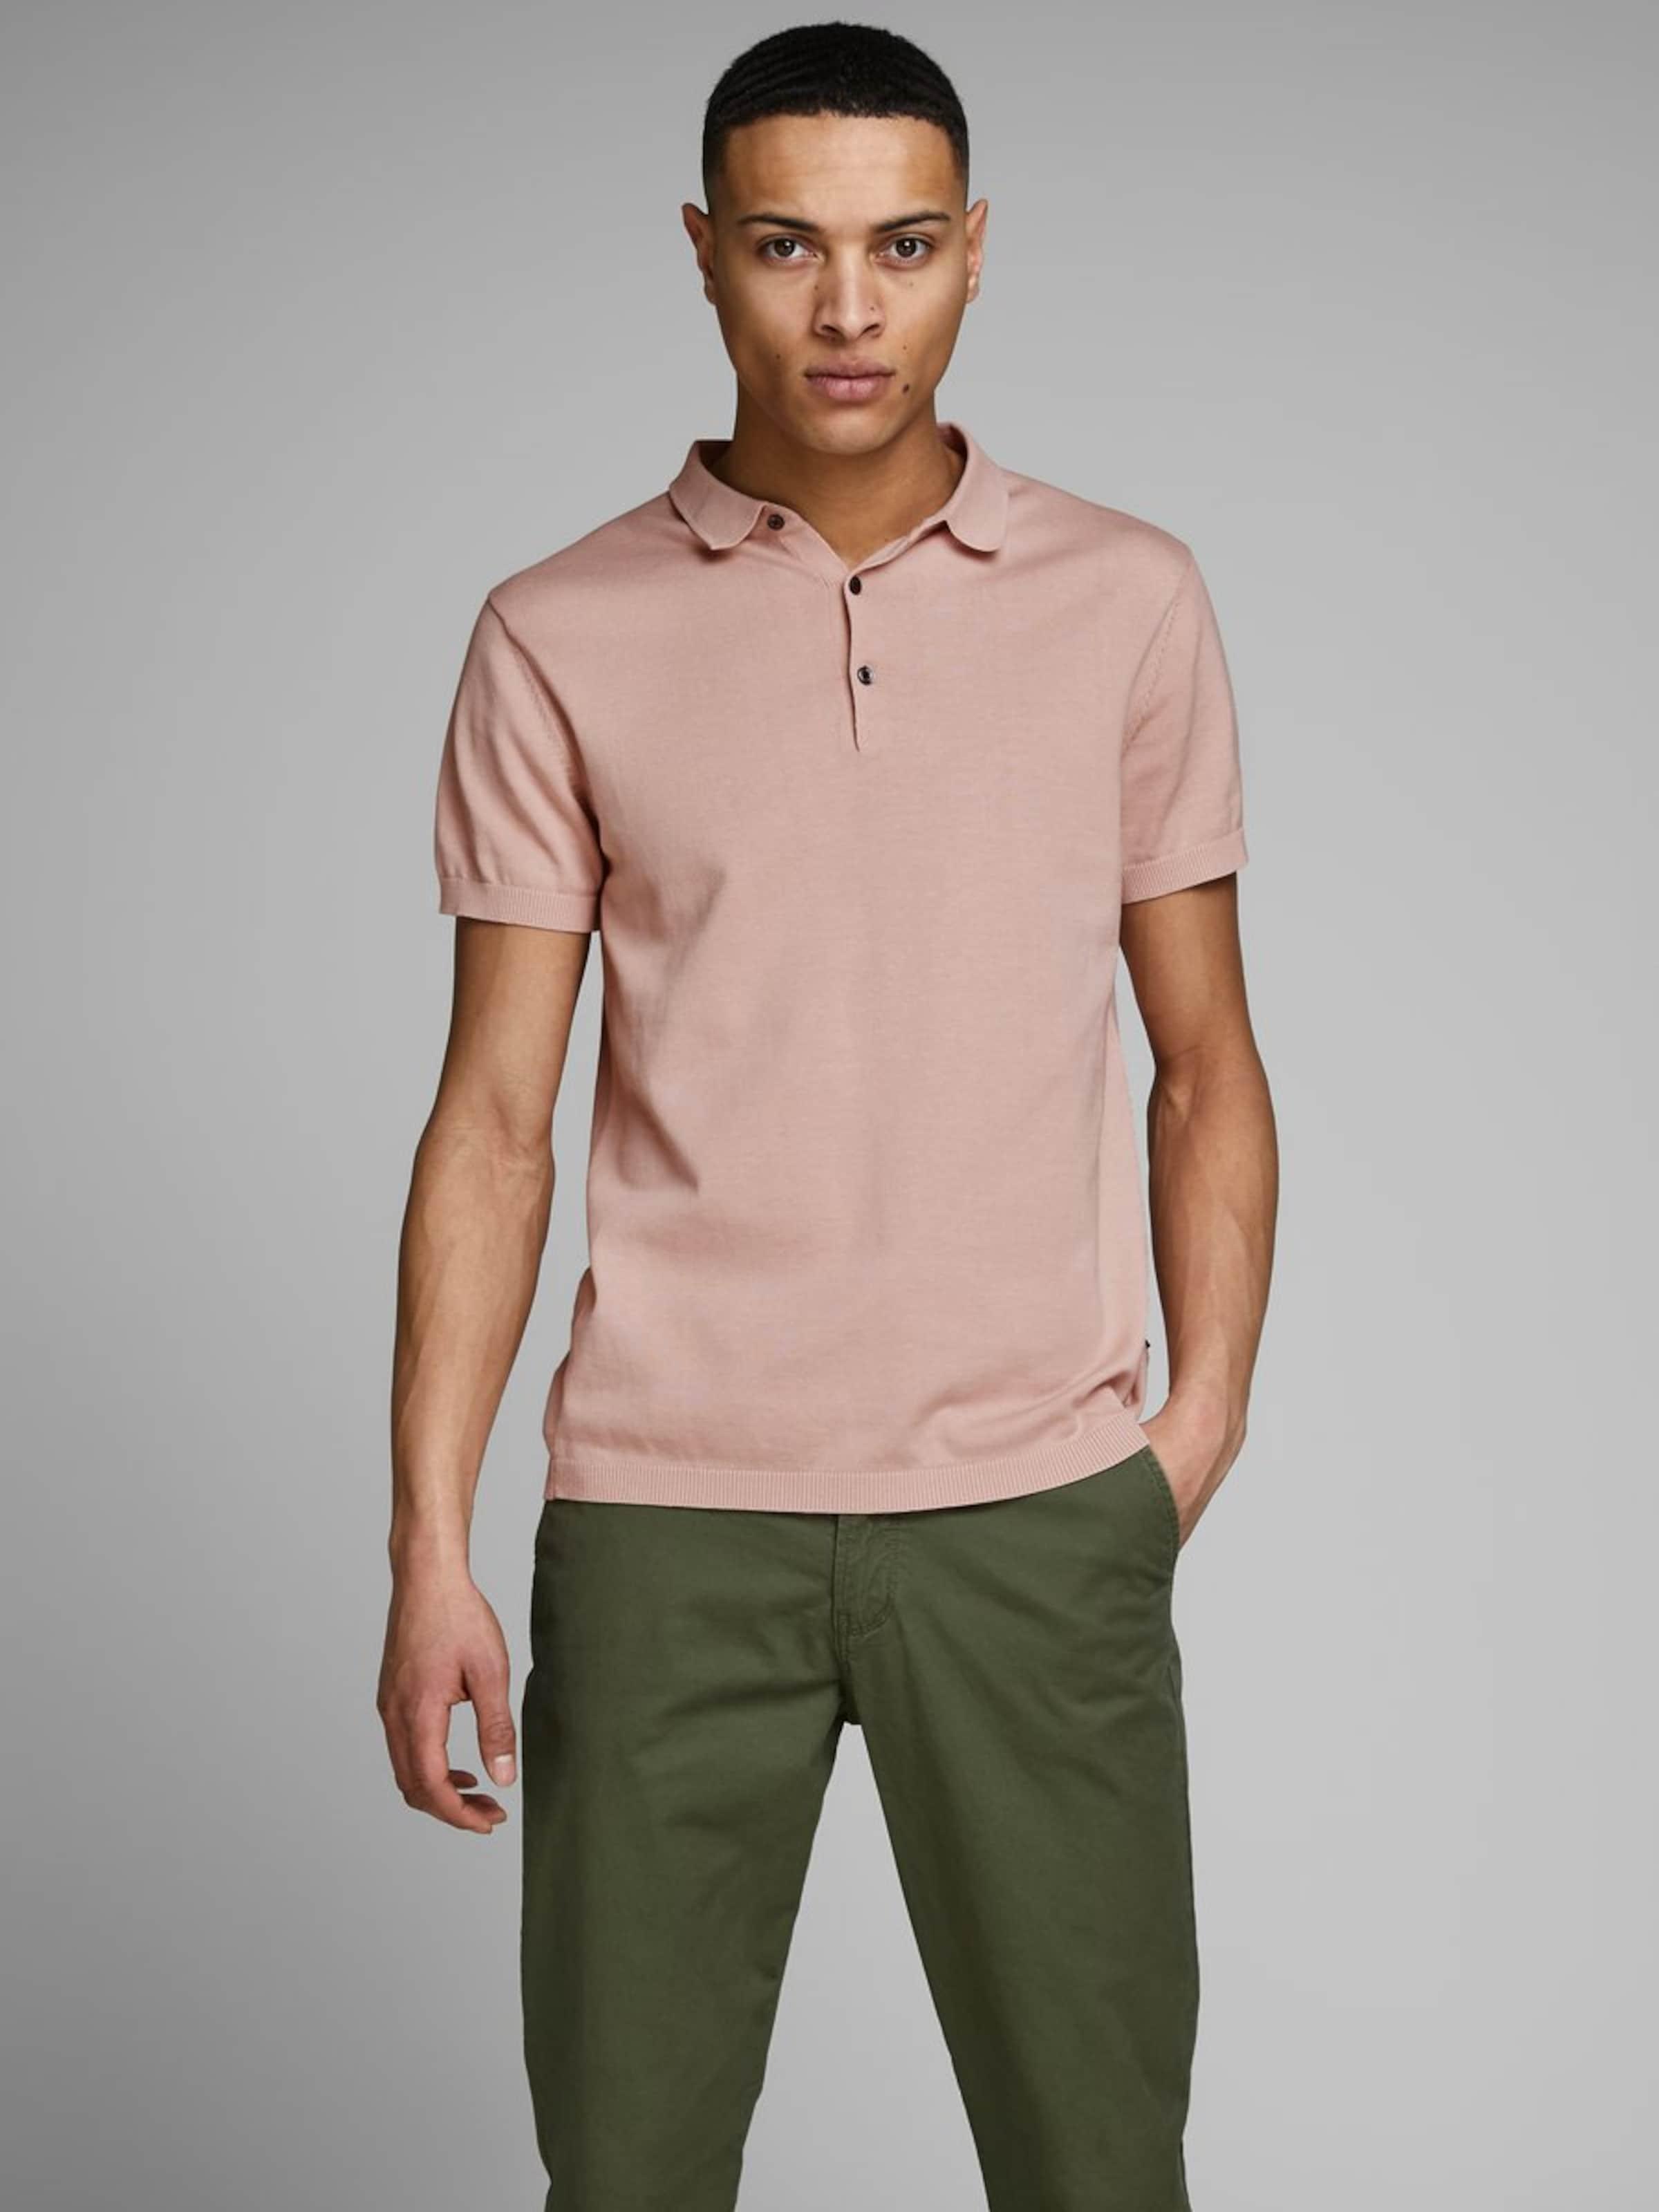 Jones Poloshirt Puder Jones Poloshirt Jackamp; In Jackamp; In 8n0vmNw